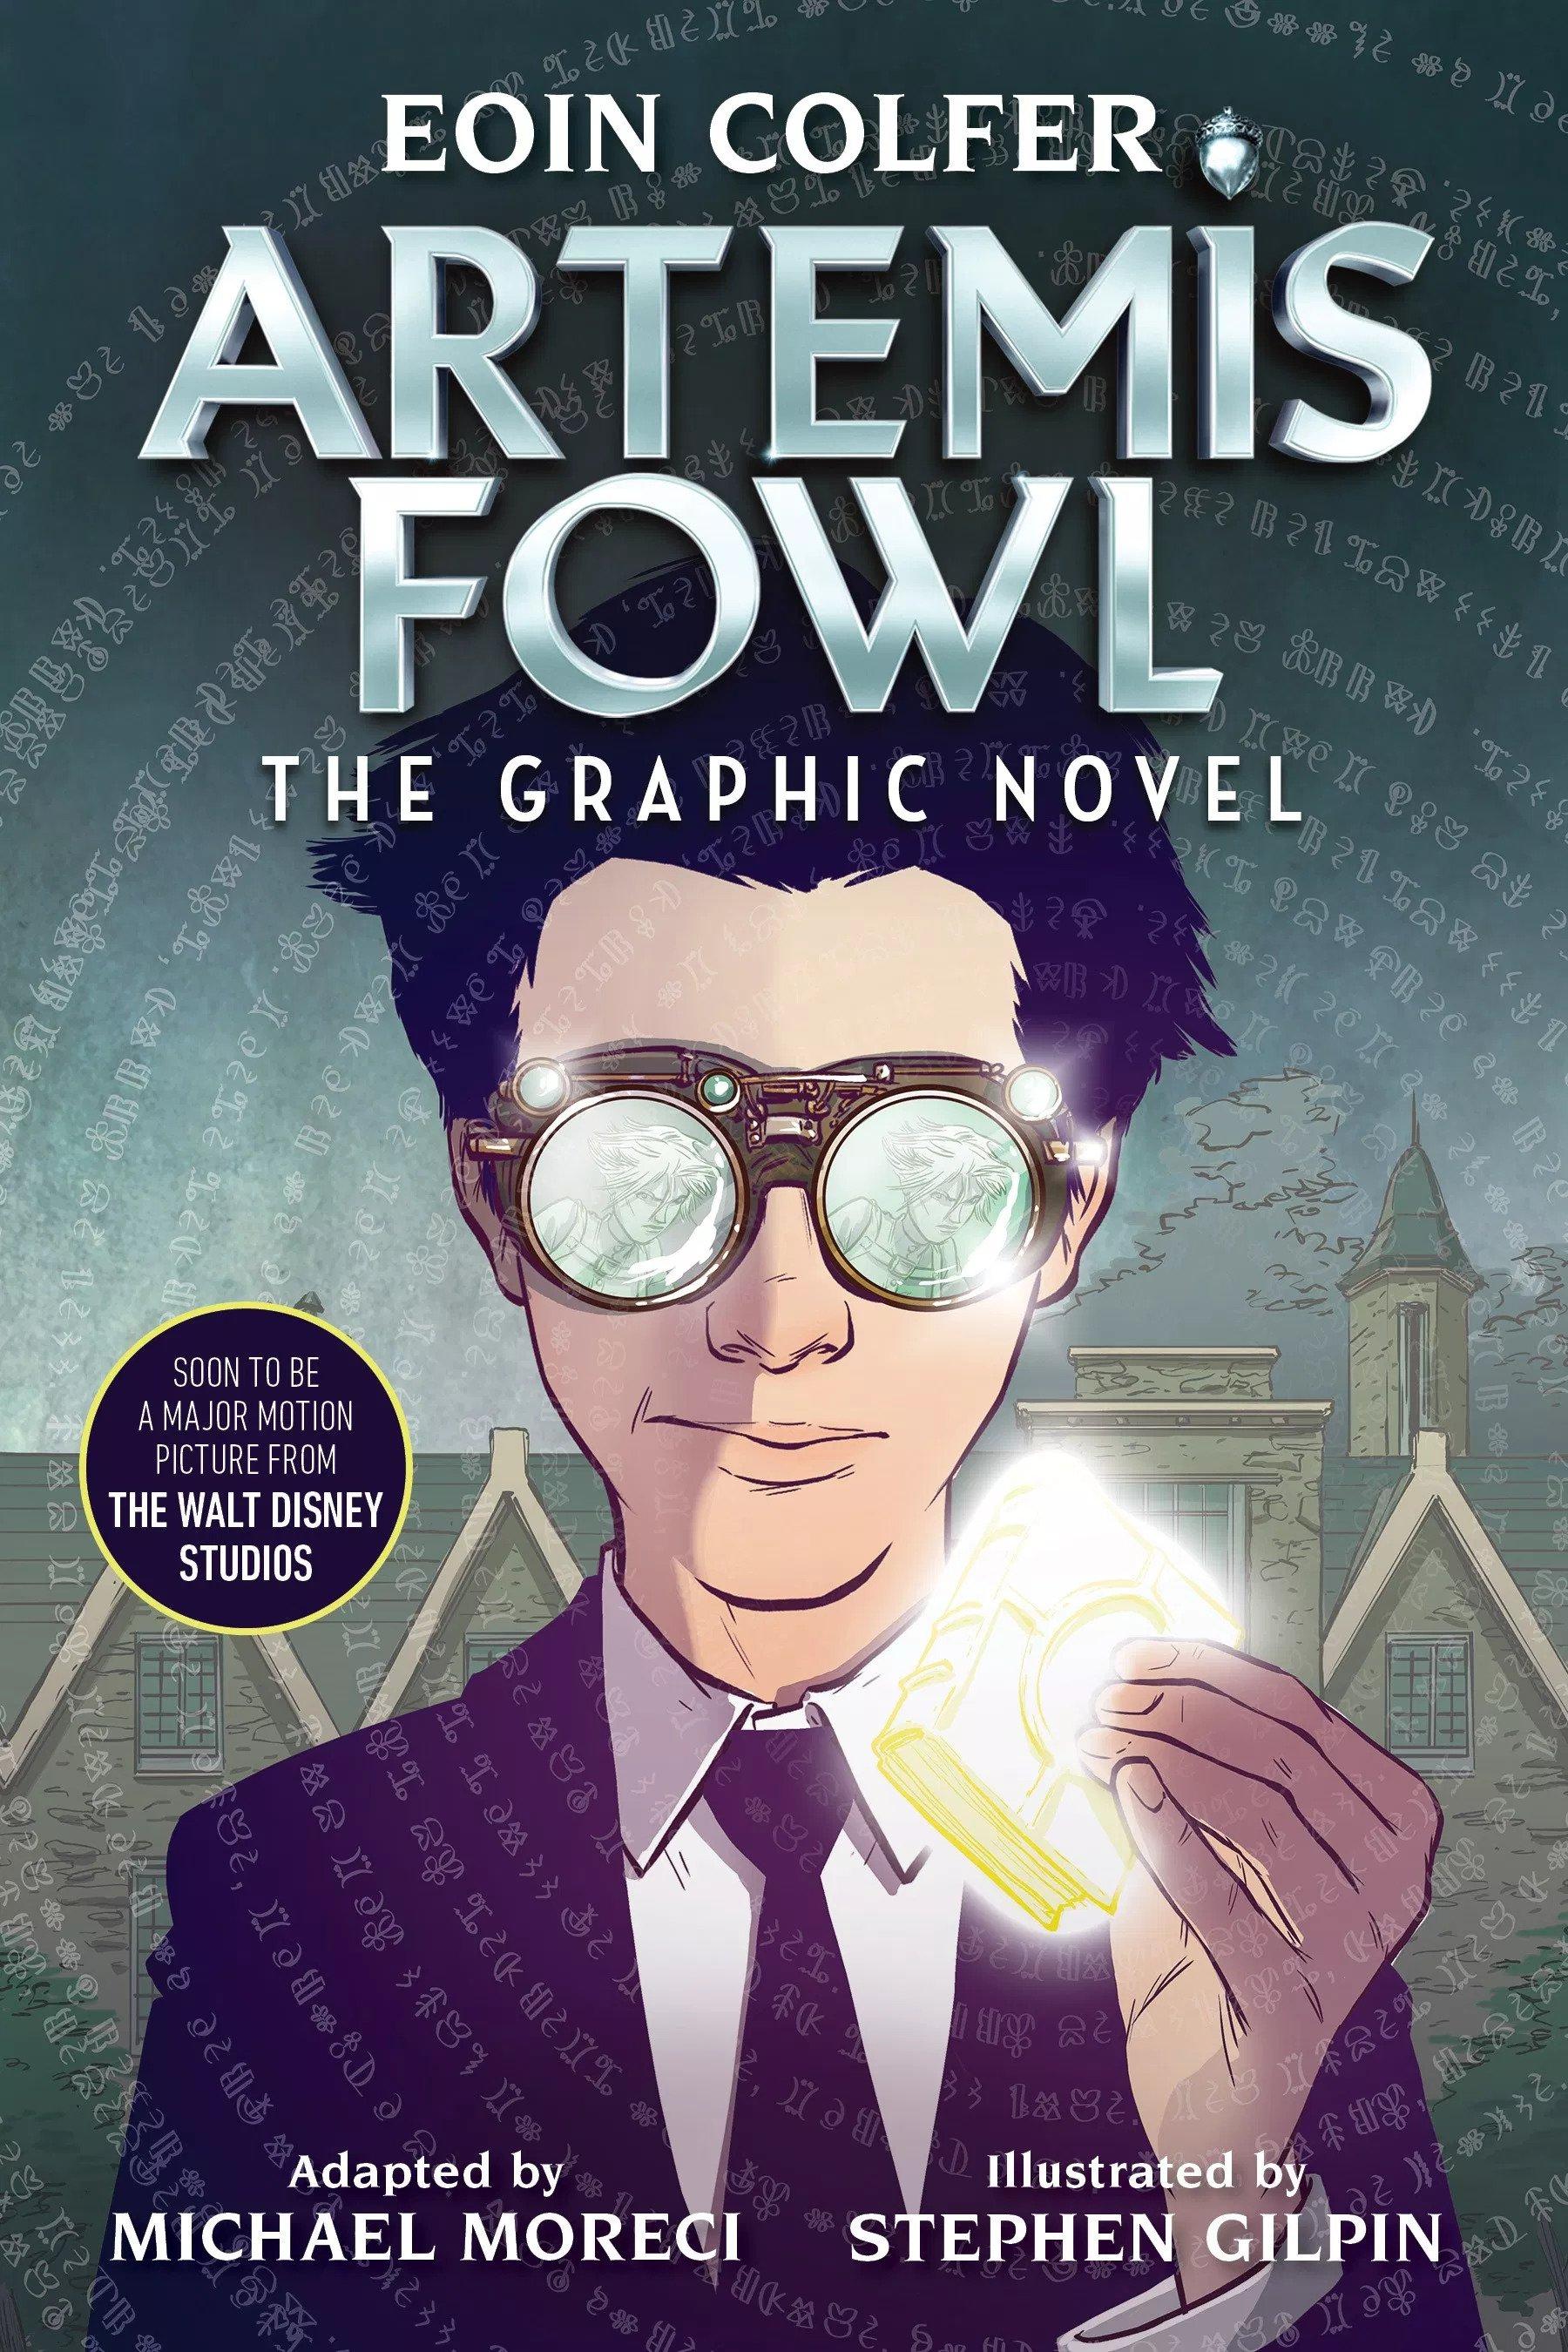 Artemis Fowl 2019 Graphic Novel - Artemis Fowl Confidential